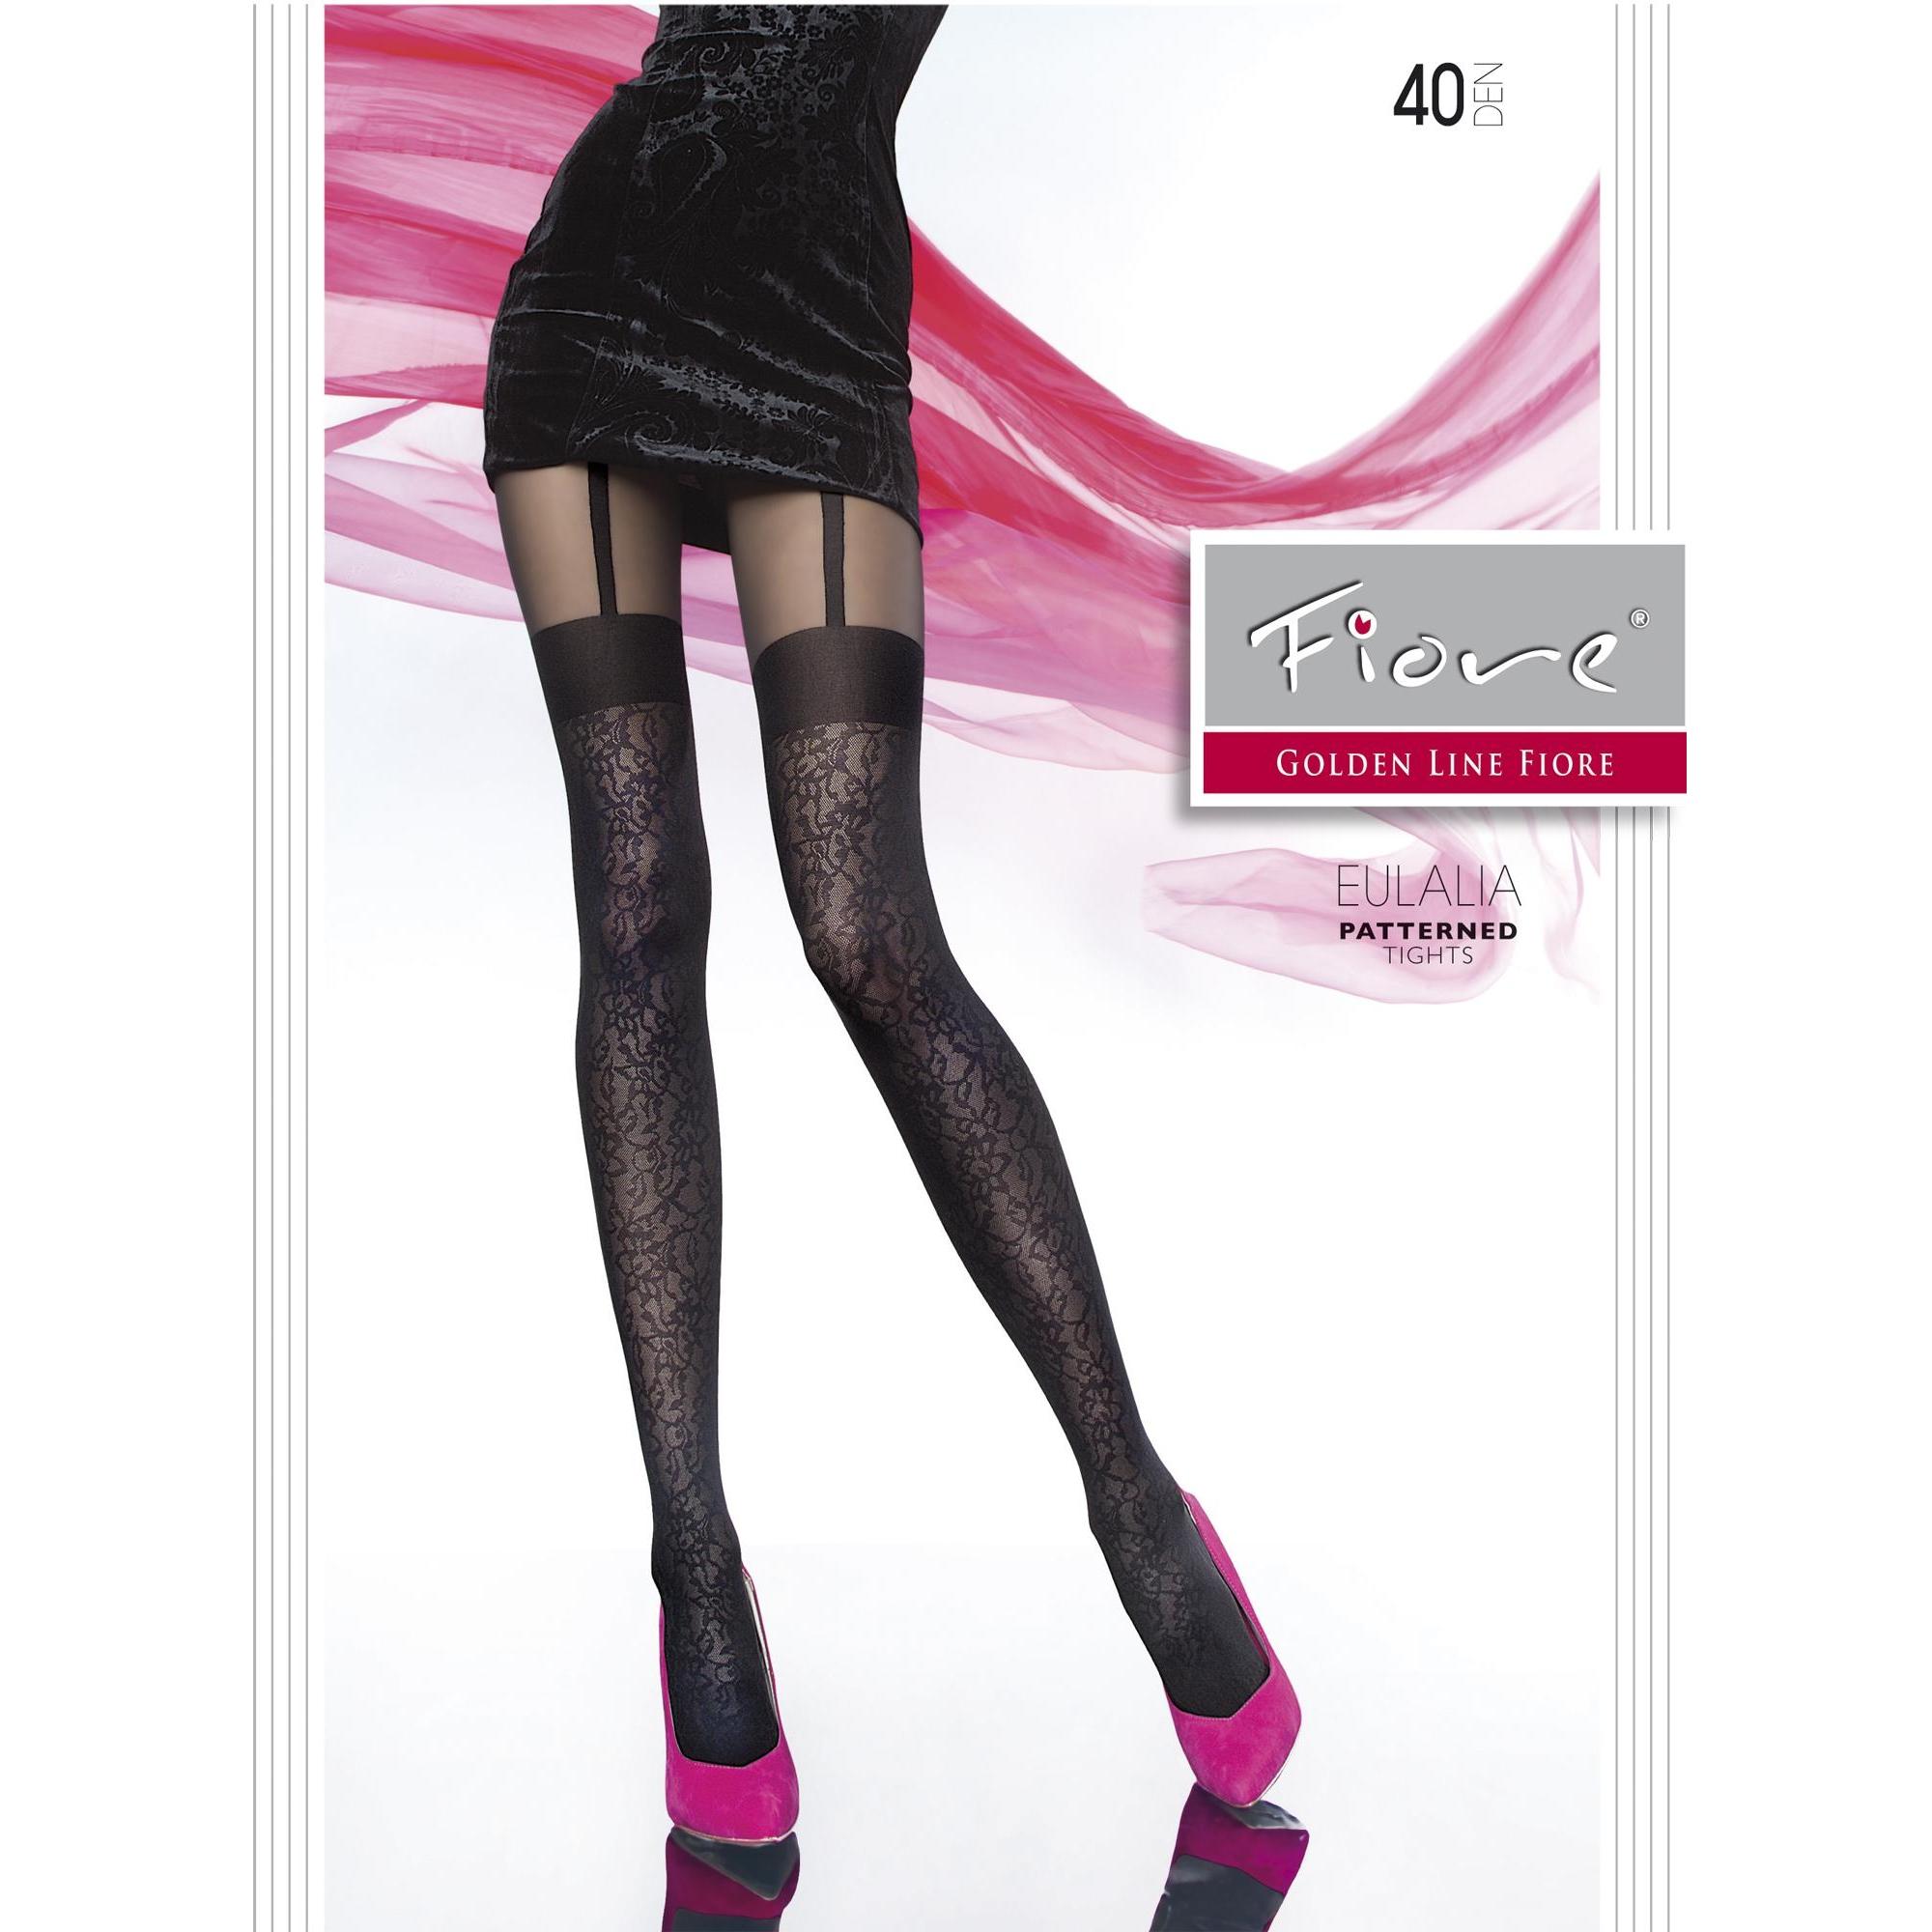 Fiore Eulalia G5598 calze donna tg 3 collant 40 den nero